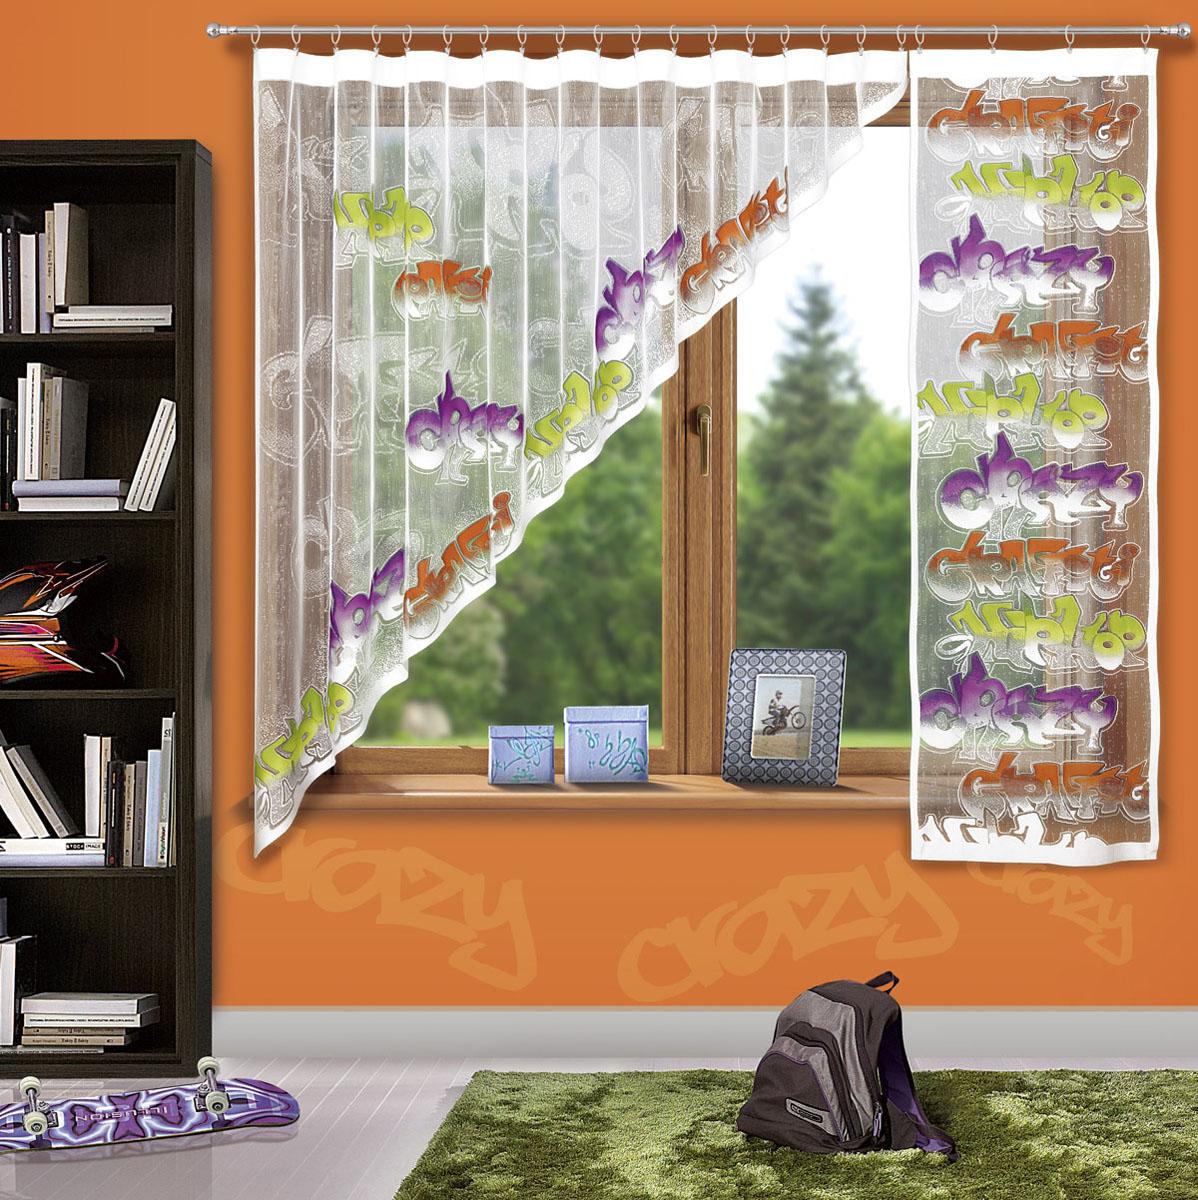 Гардина Wisan, цвет: белый, высота 180 см3359Жаккардовая гардина в детскую комнату с цветным узором тематики граффити. Состоит из двух частей. Крепится на кулиску. Размеры: ширина 300х высота 180+ ширина 60х высота 180